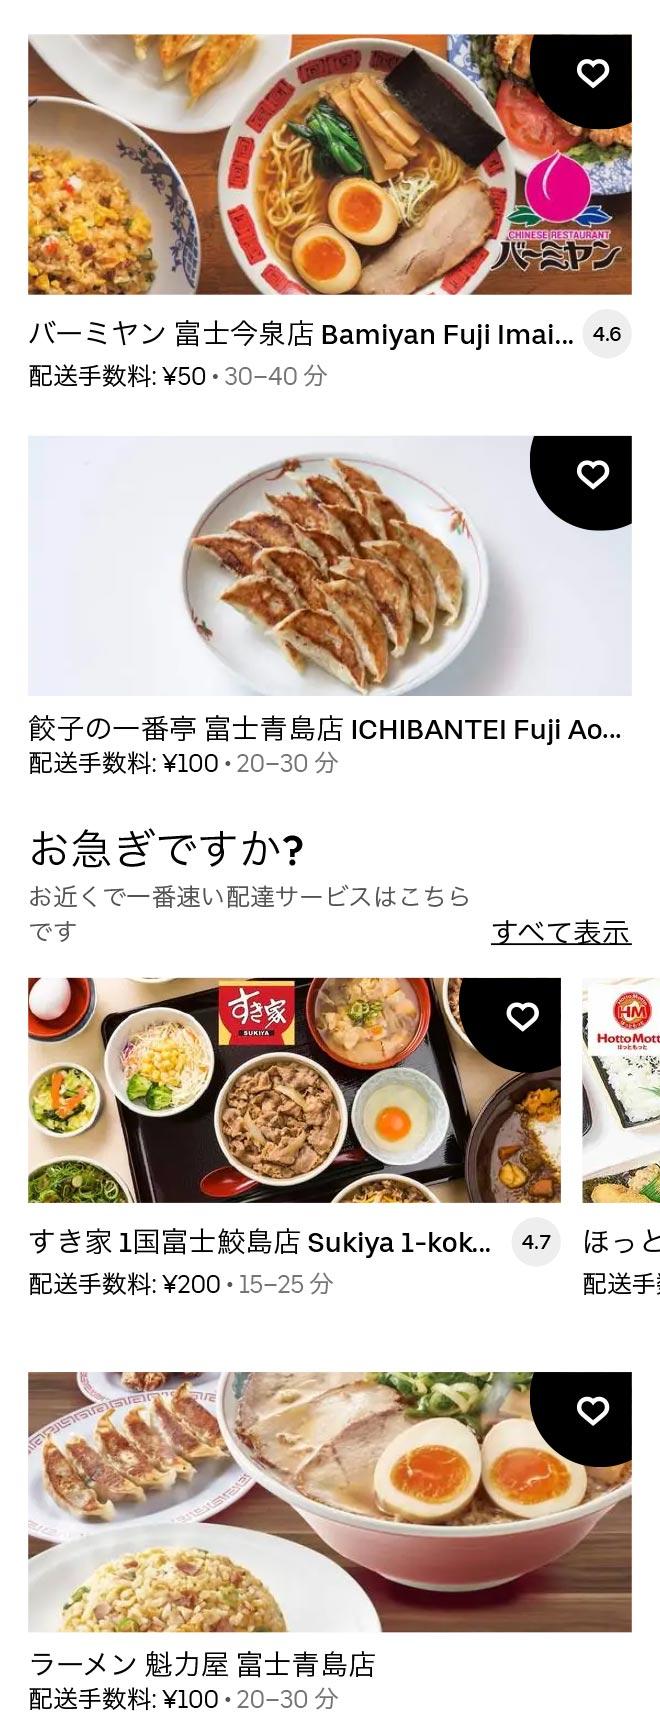 U yoshiwara menu 2104 02